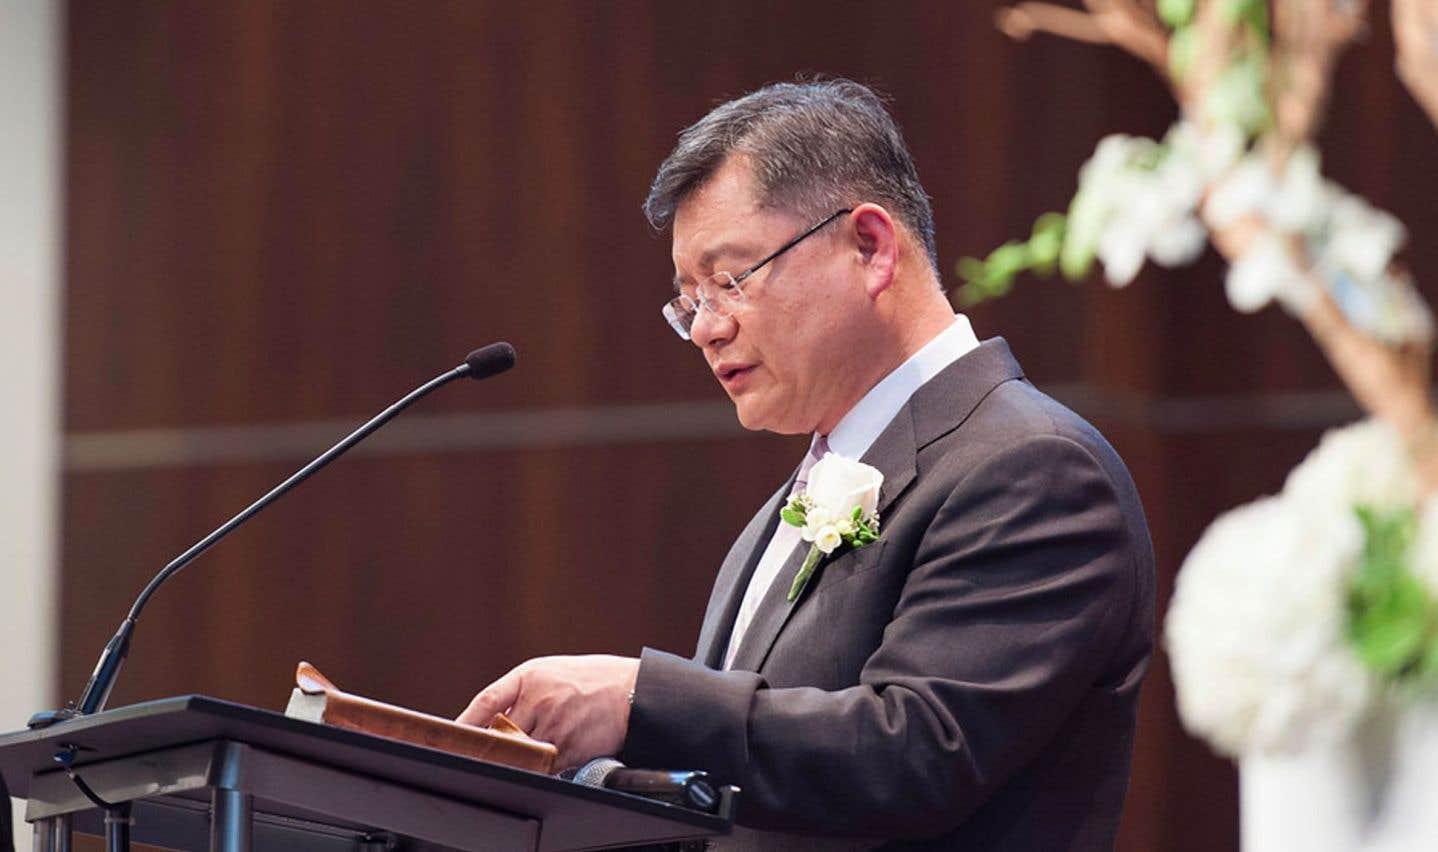 Corée du Nord: le pasteur canadien emprisonné est libéré, confirme Trudeau